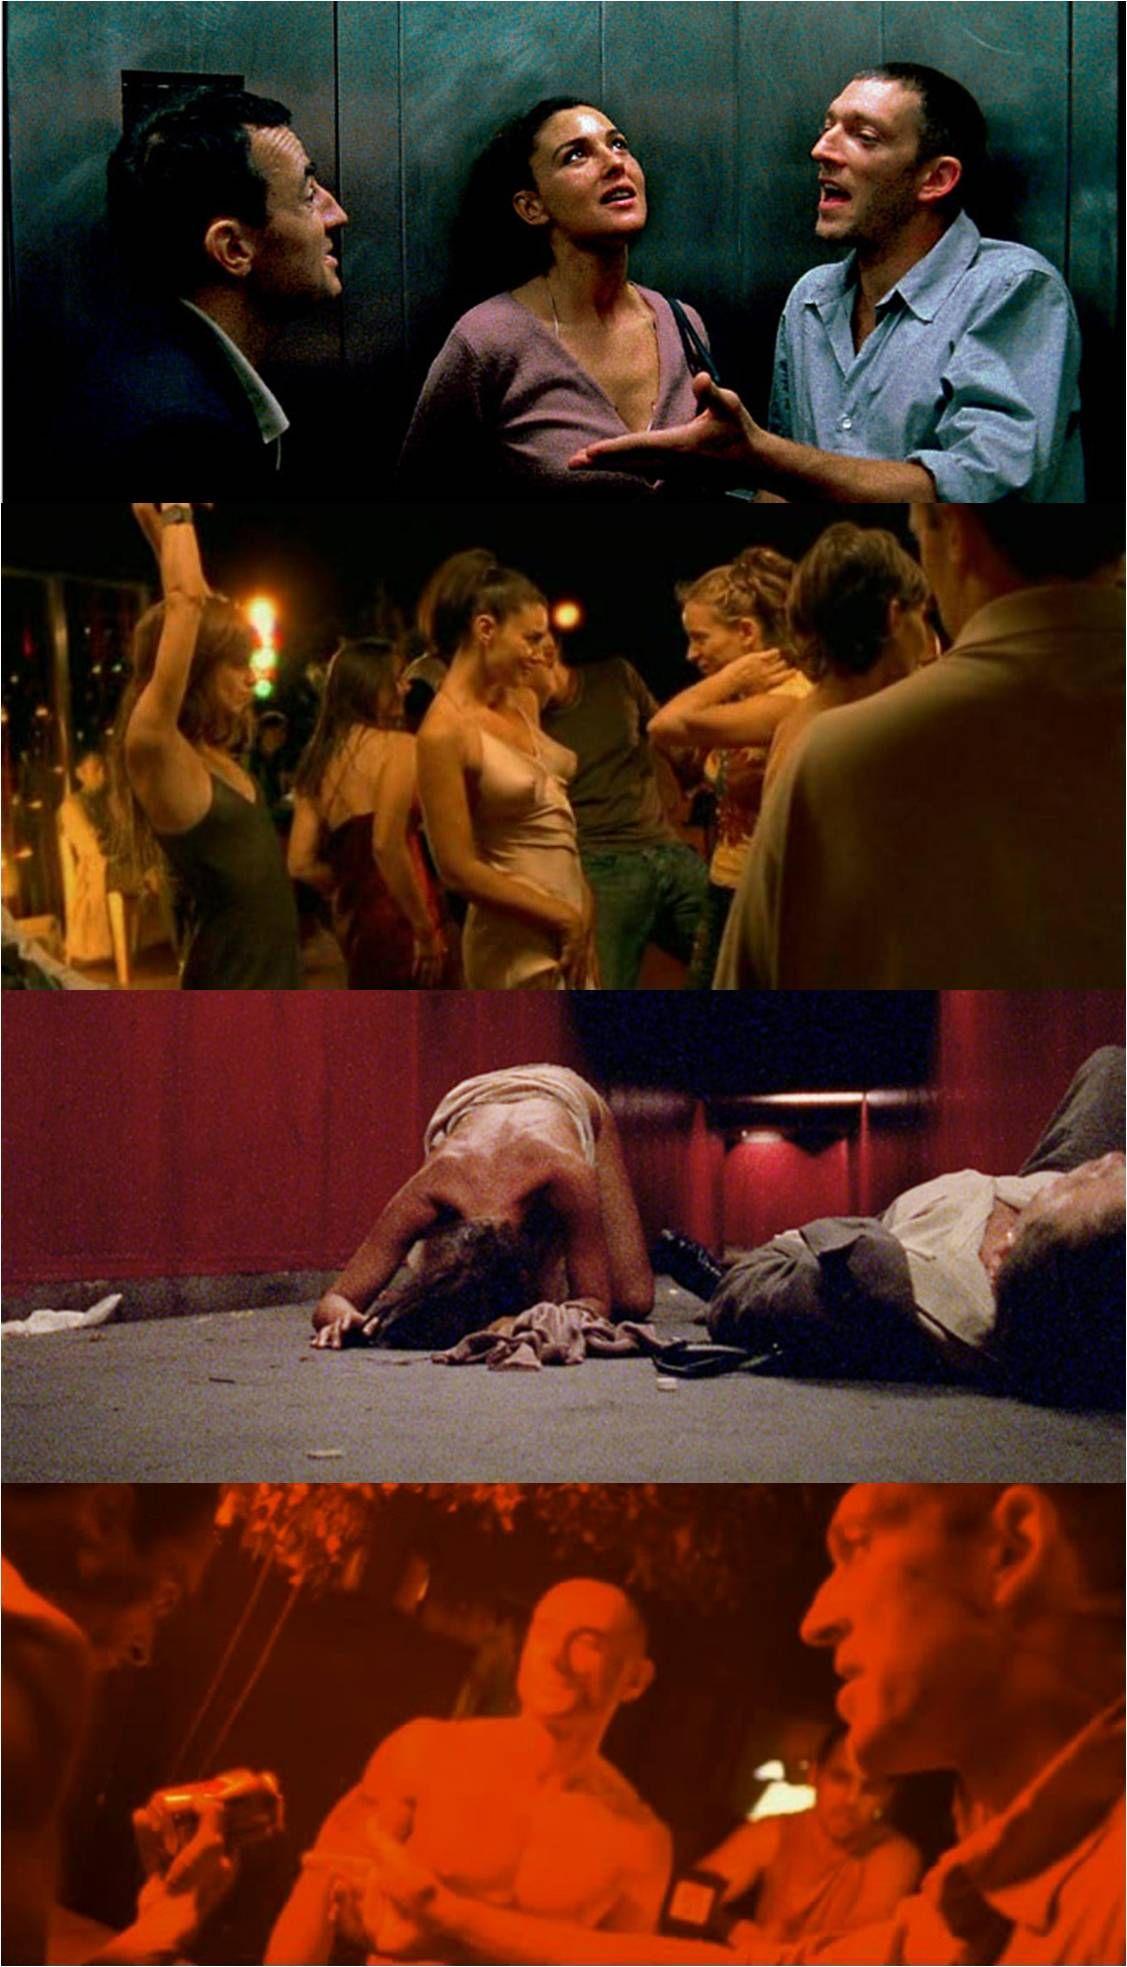 Gaspar Noe S Irreversible In The Chronological Order Of Things Posteres De Filmes Posters De Filmes Melhores Filmes